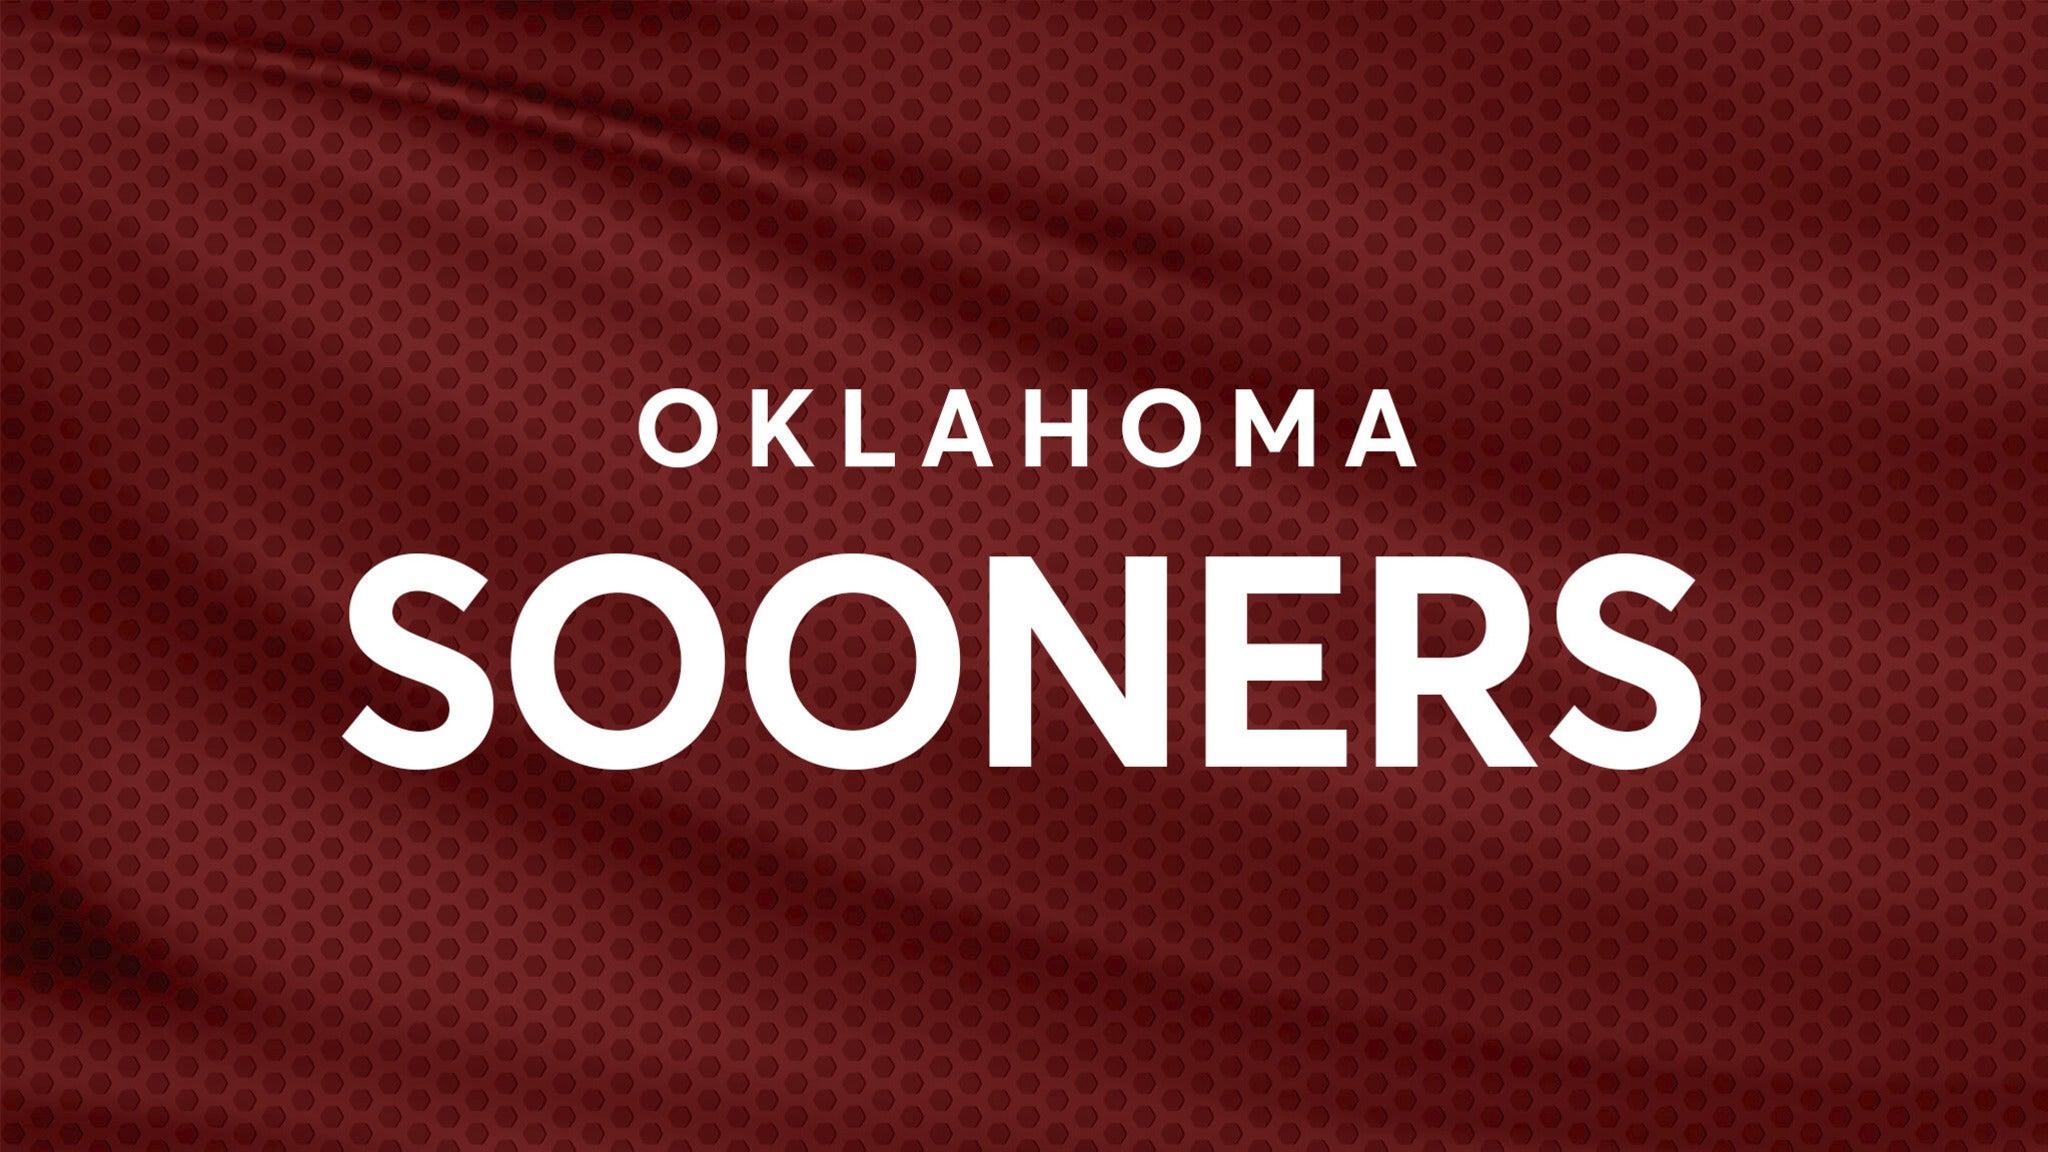 Oklahoma Sooners Softball